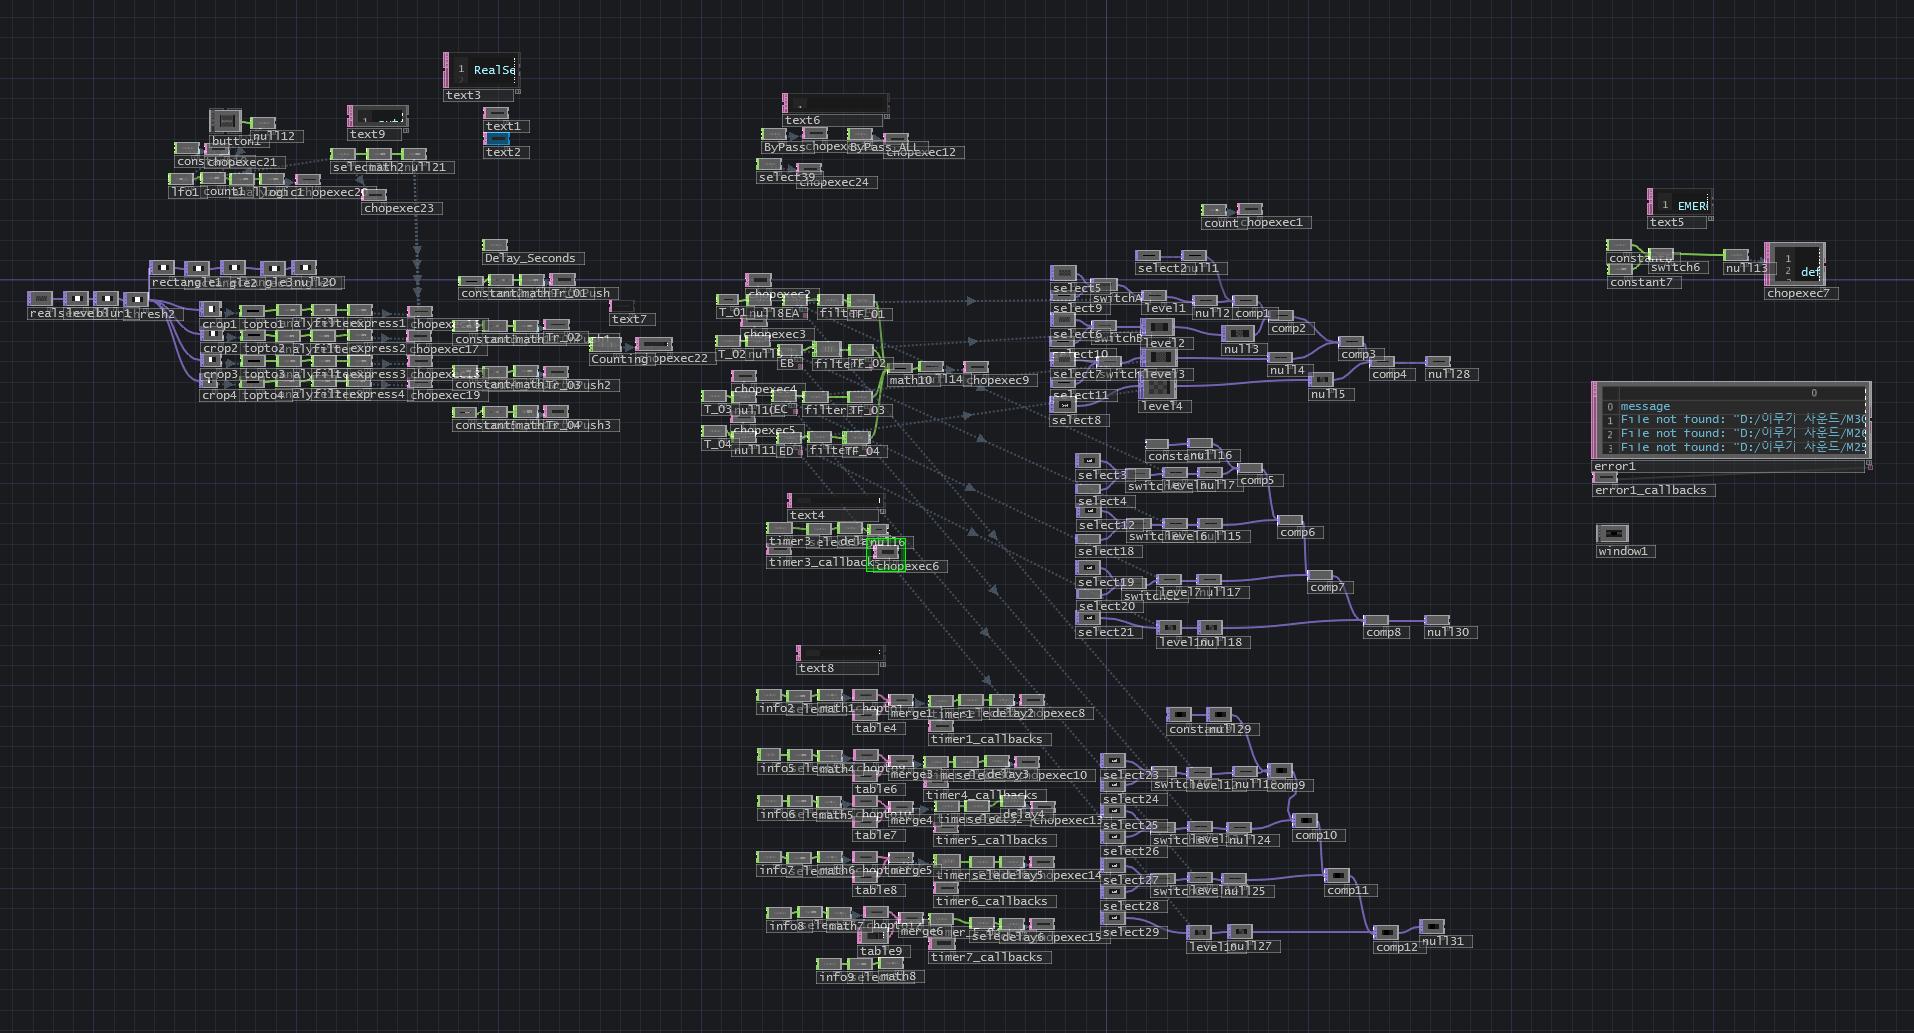 node_0.PNG